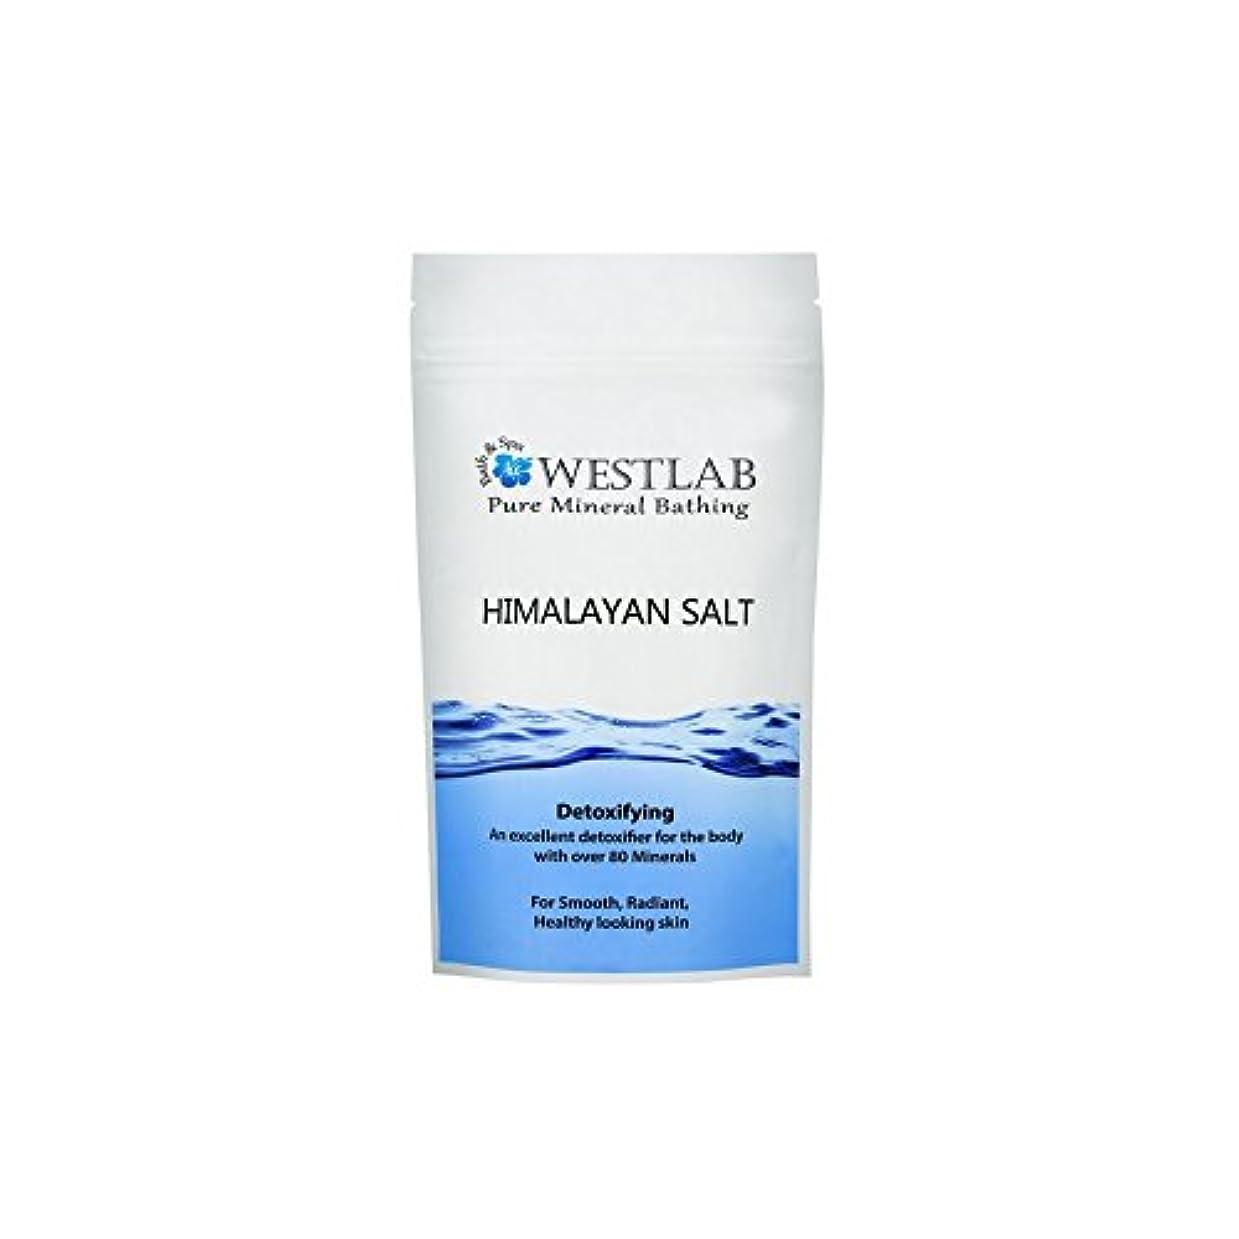 一人でレース廃棄するヒマラヤ塩の1キロ x2 - Westlab Himalayan Salt 1kg (Pack of 2) [並行輸入品]